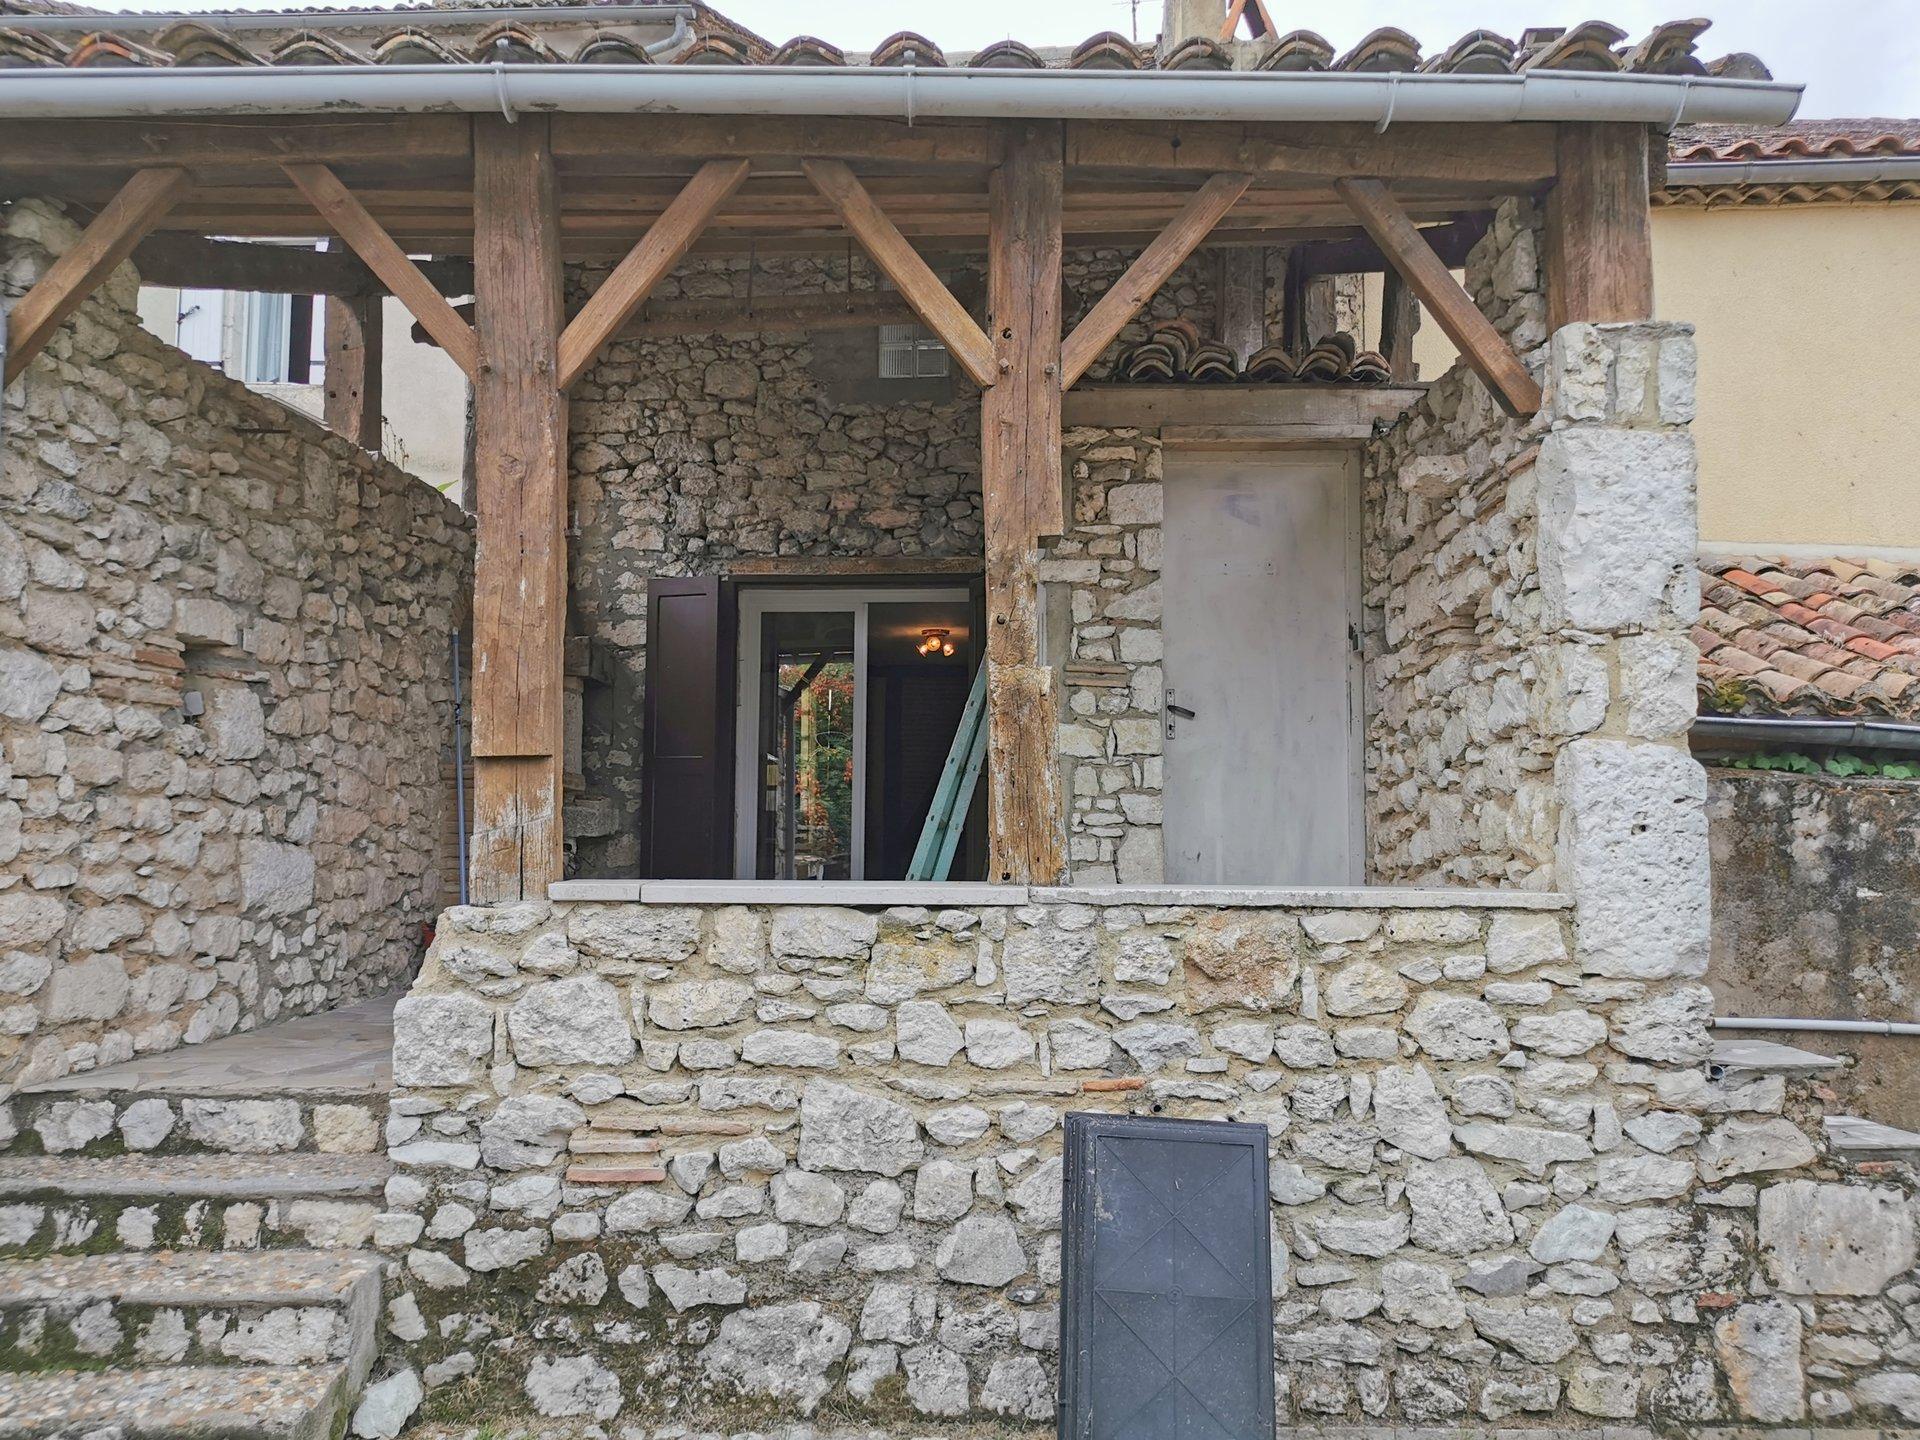 EXCLUSIVITE  Maison de village en pierres sur jardin